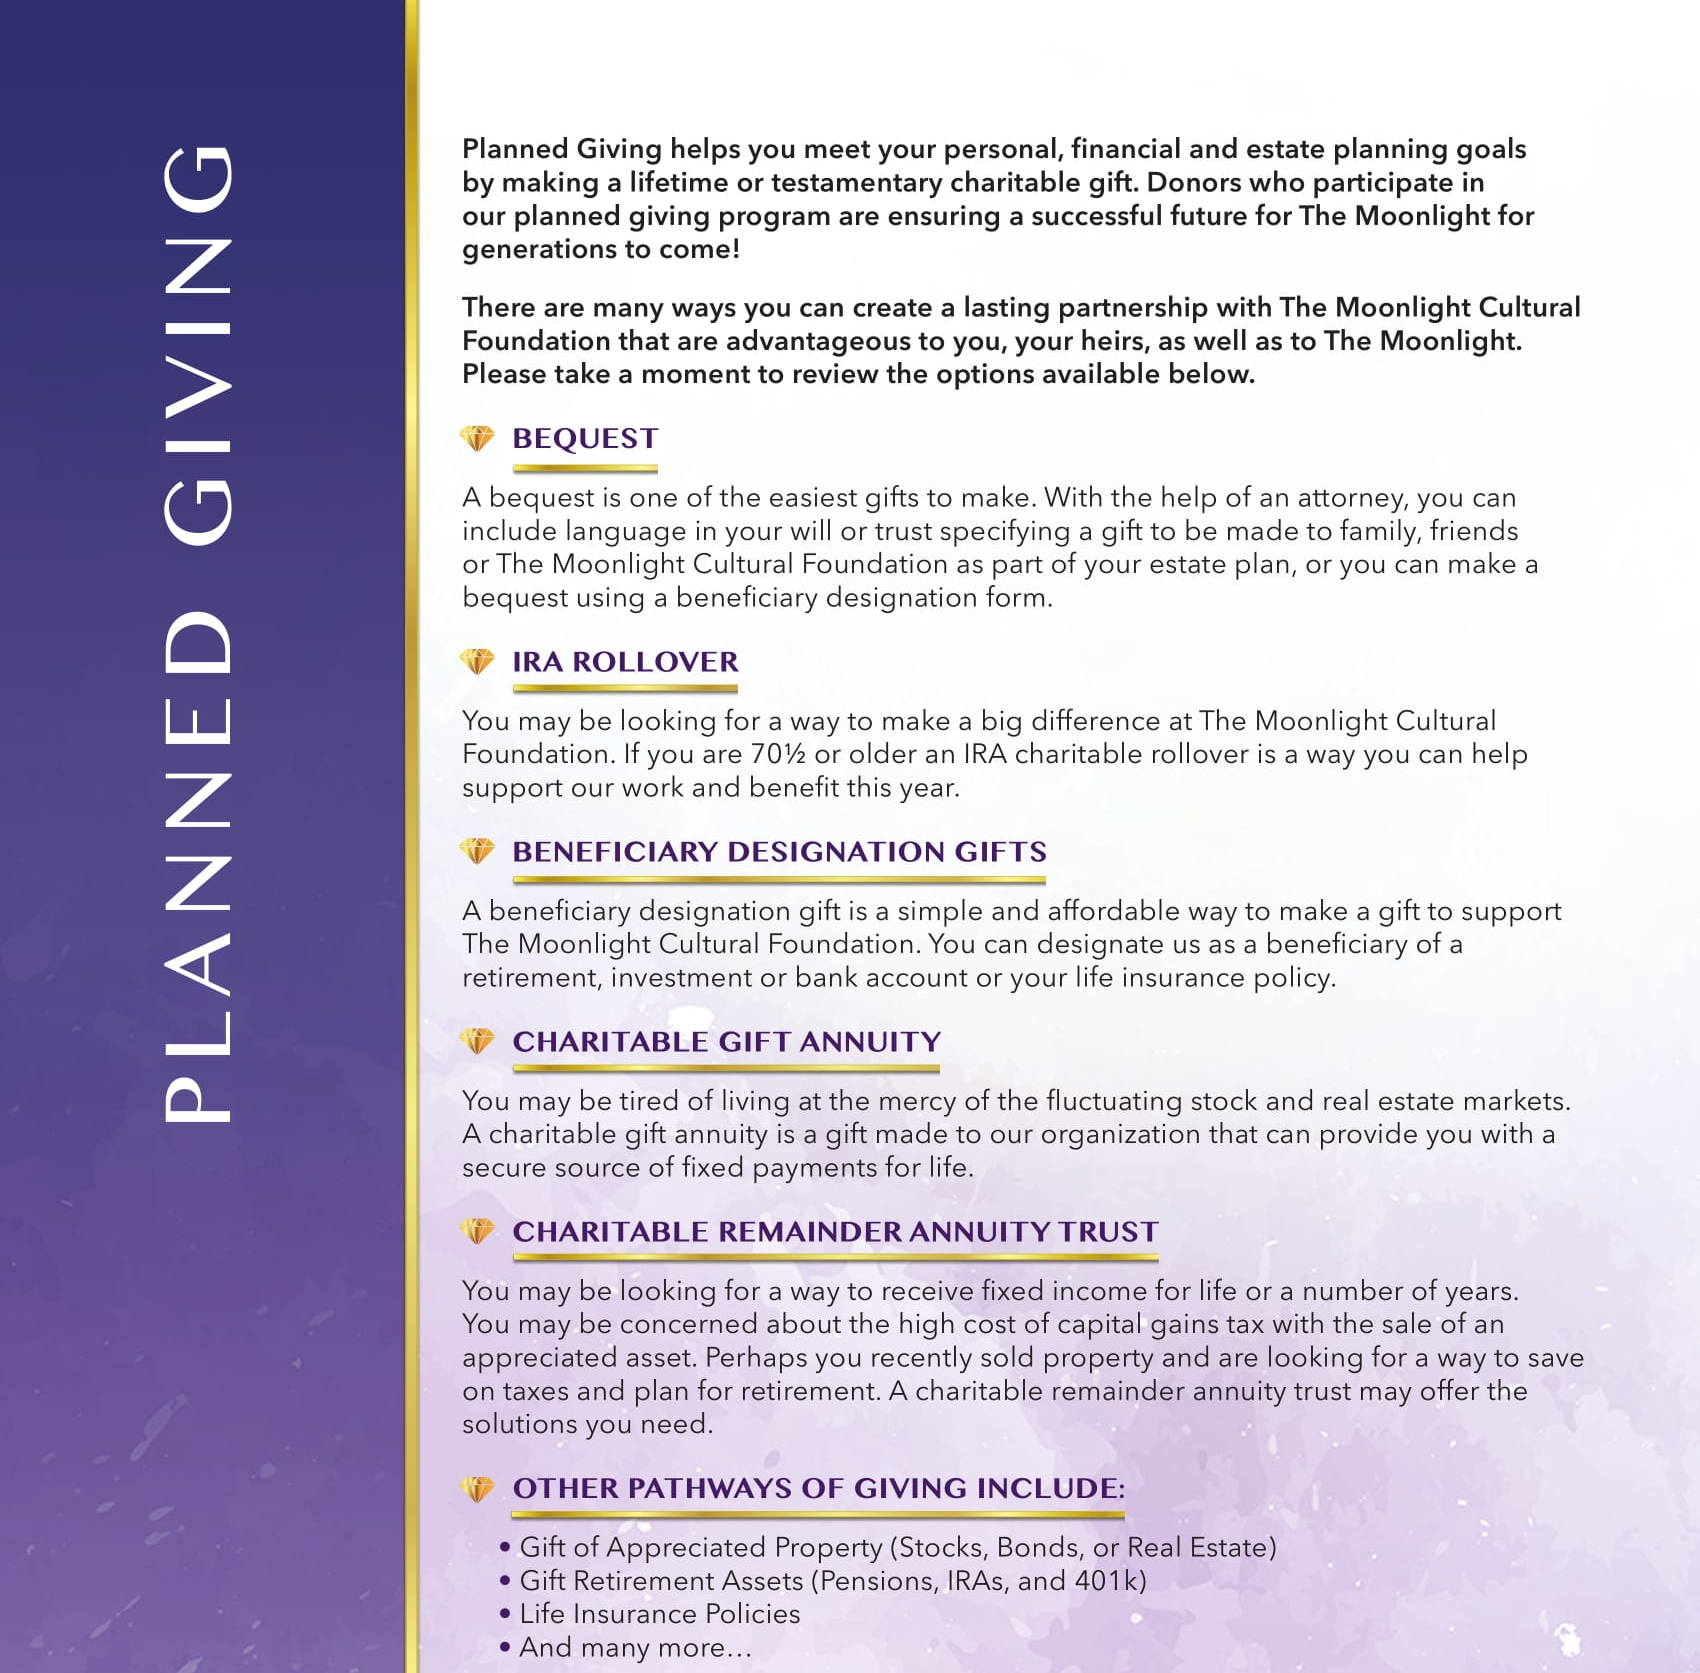 PlannedGiving-1.jpg